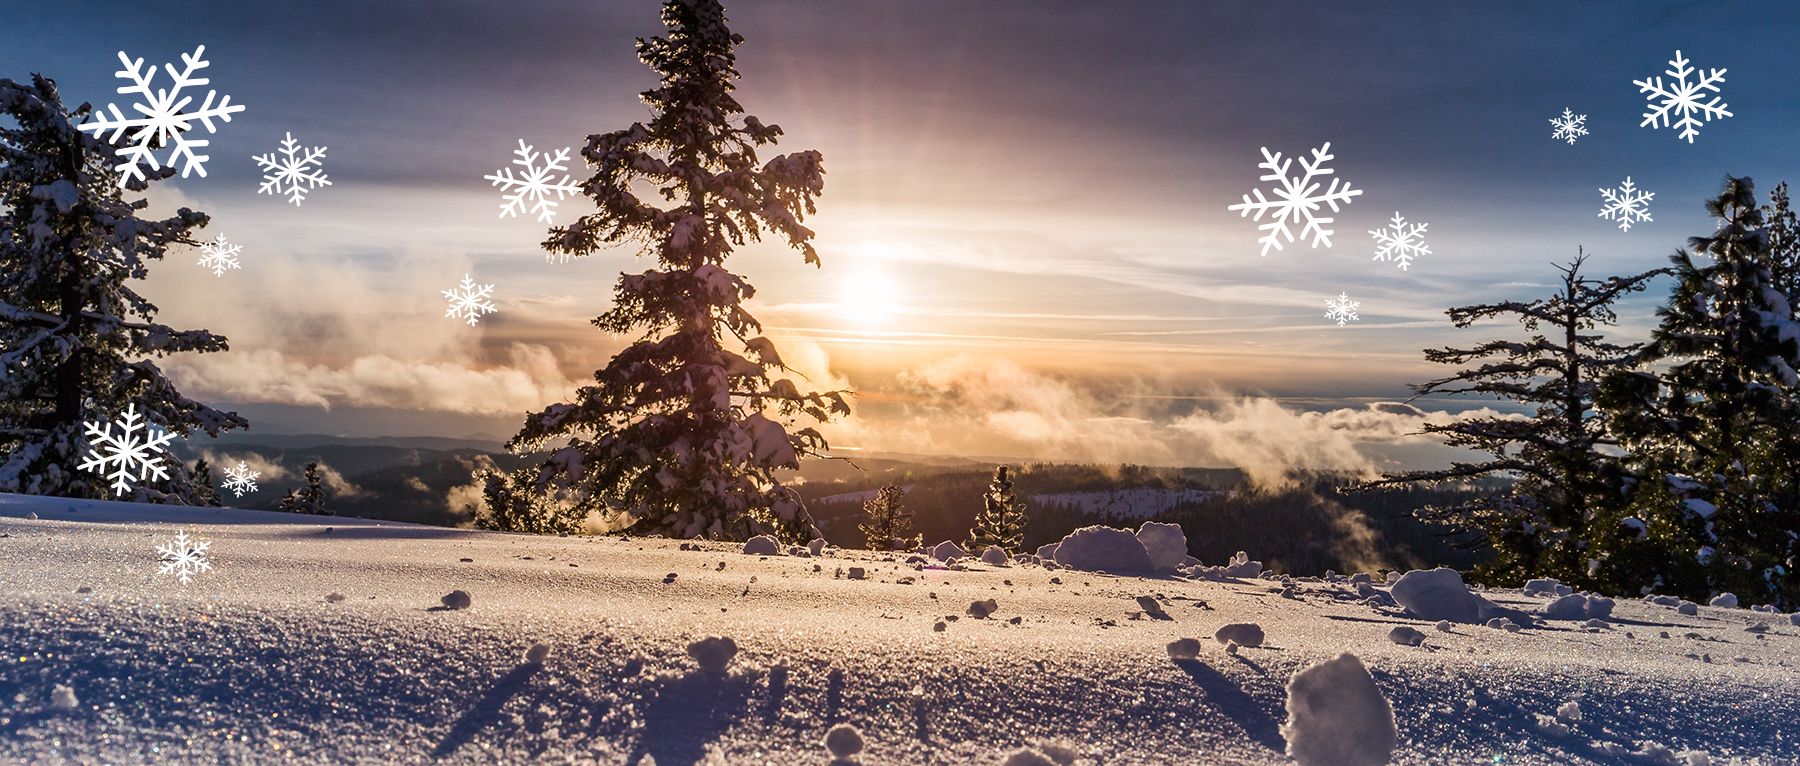 Banner_Winteraktionswochen_Starseite_02.jpg